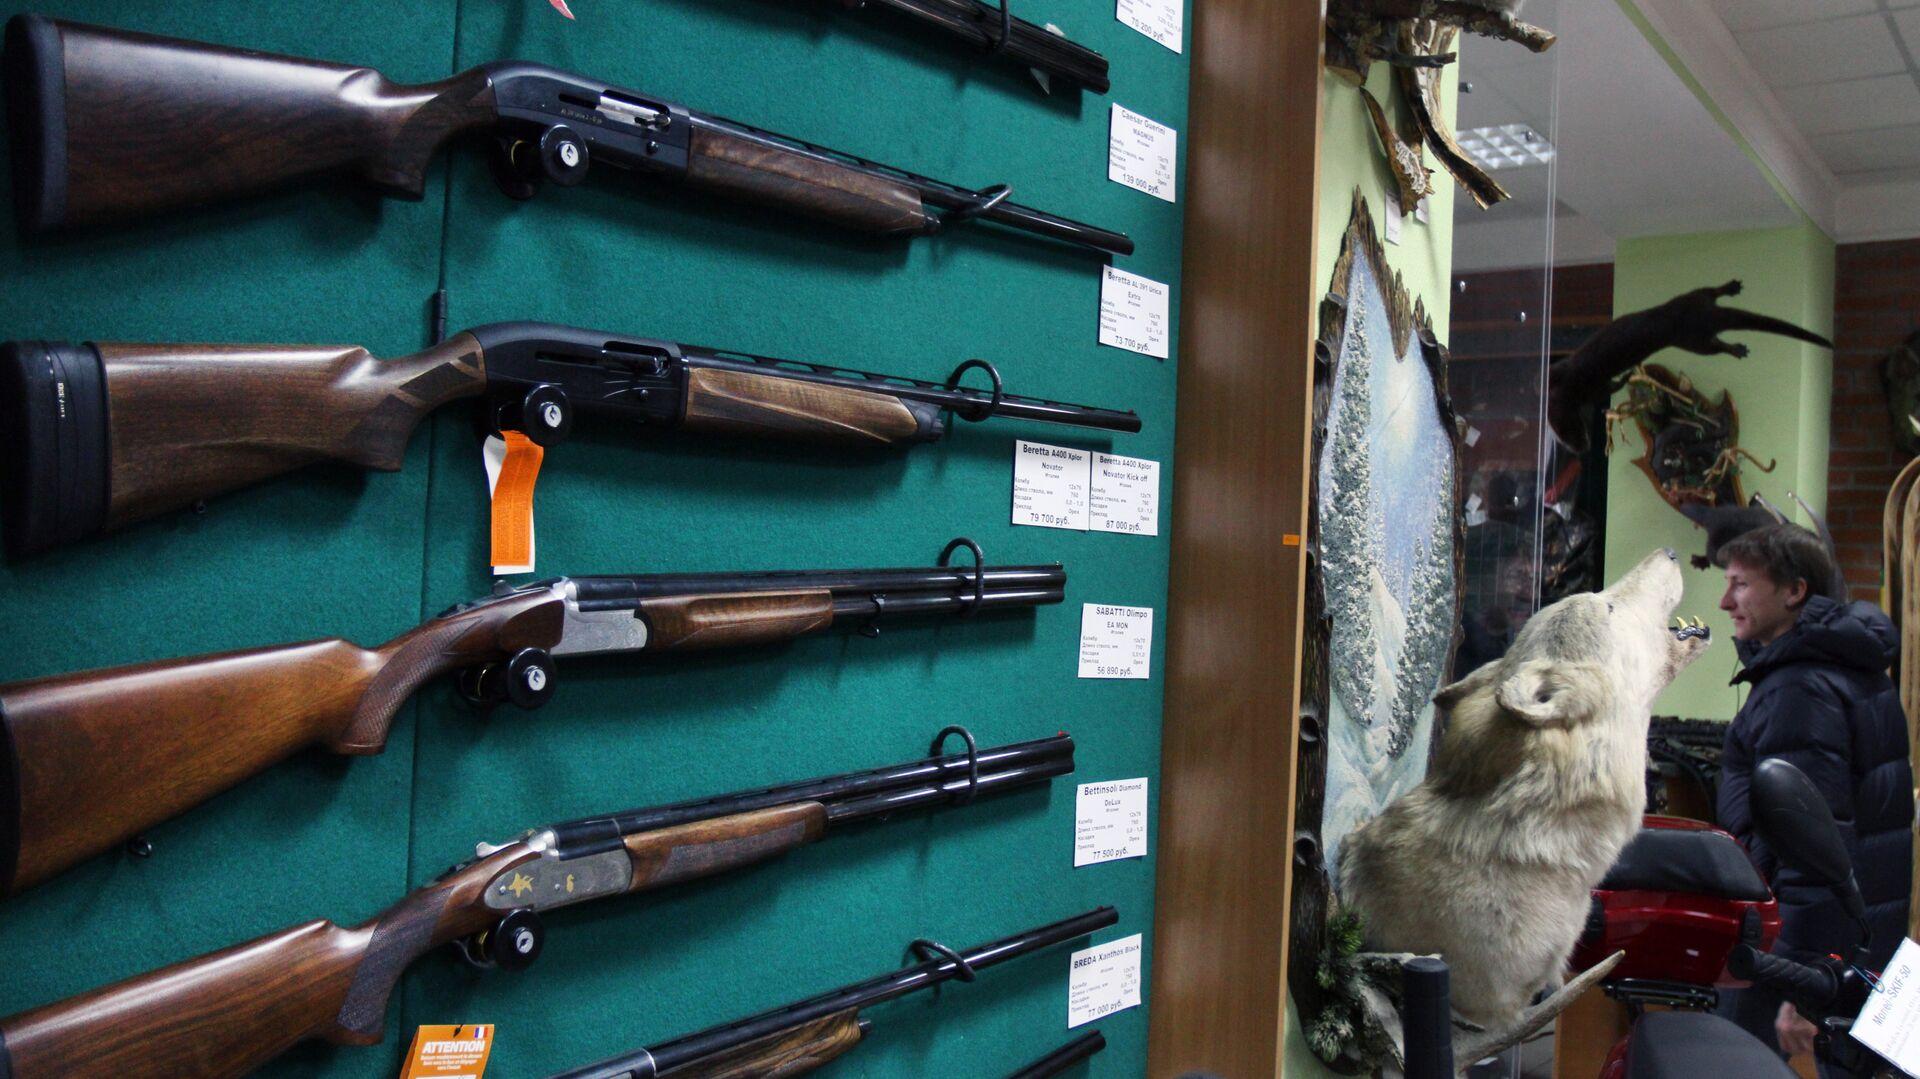 Образцы оружия на витрине оружейного магазина - РИА Новости, 1920, 28.06.2021